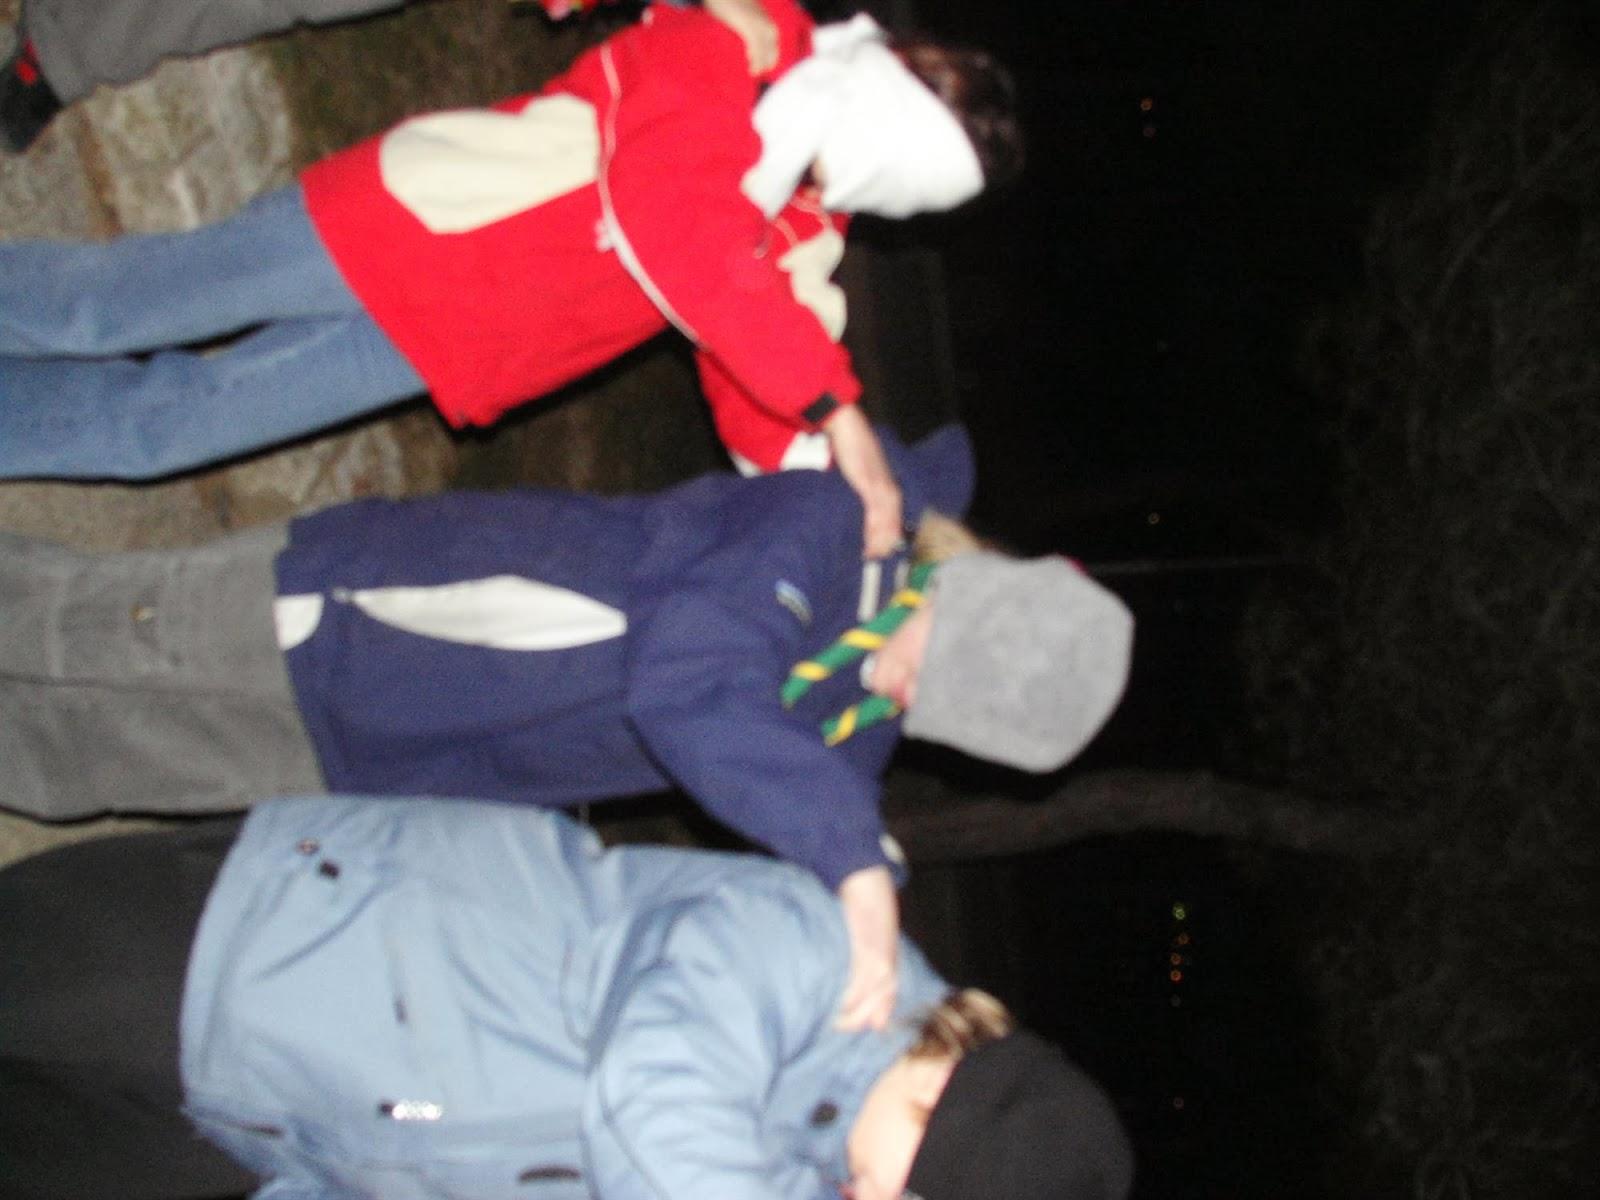 Motivacijski vikend, Strunjan 2005 - KIF_1870.JPG